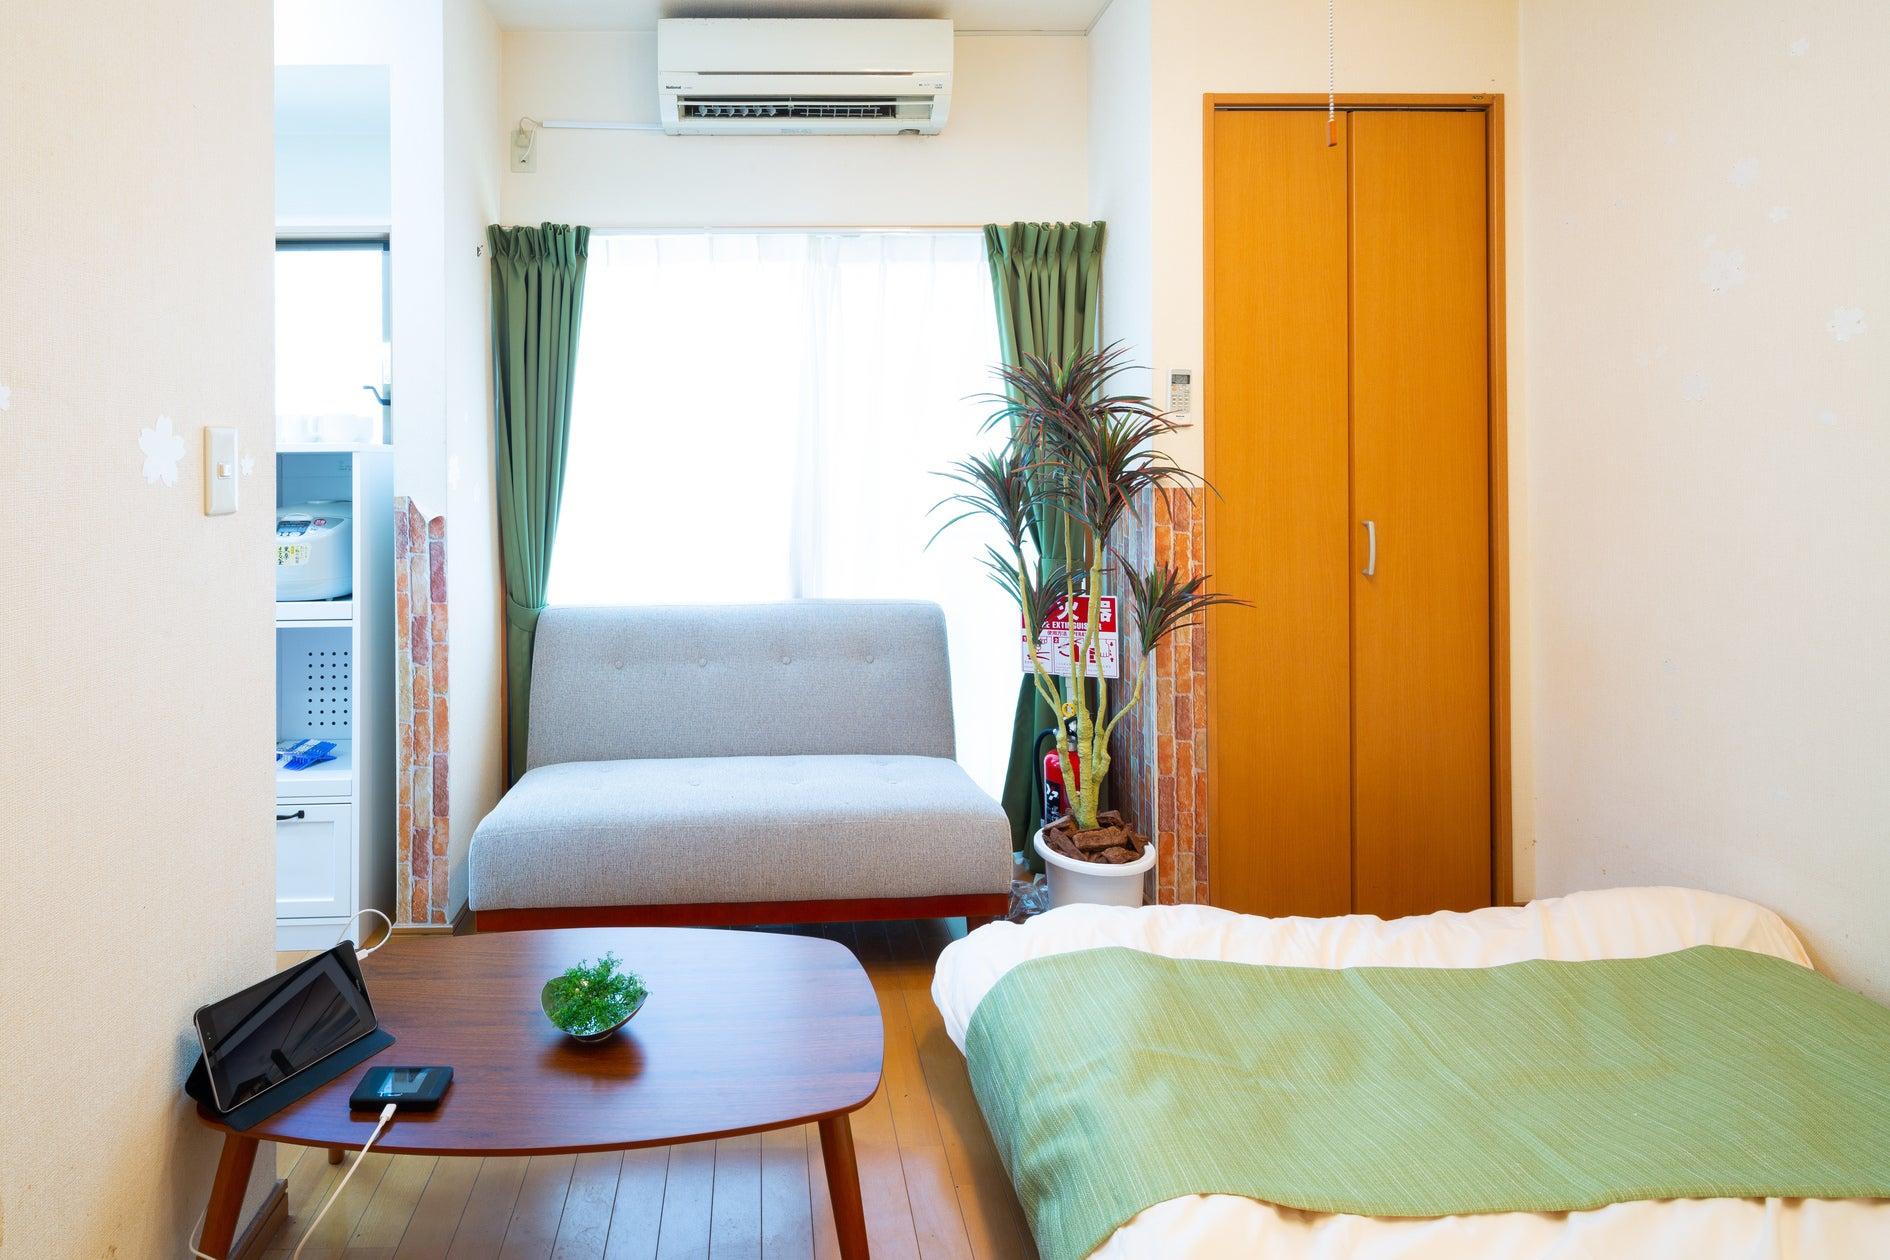 東京観光で人気の池袋エリア!!各都心部へのアクセスも便利な一軒家/MAX8人収容 の写真